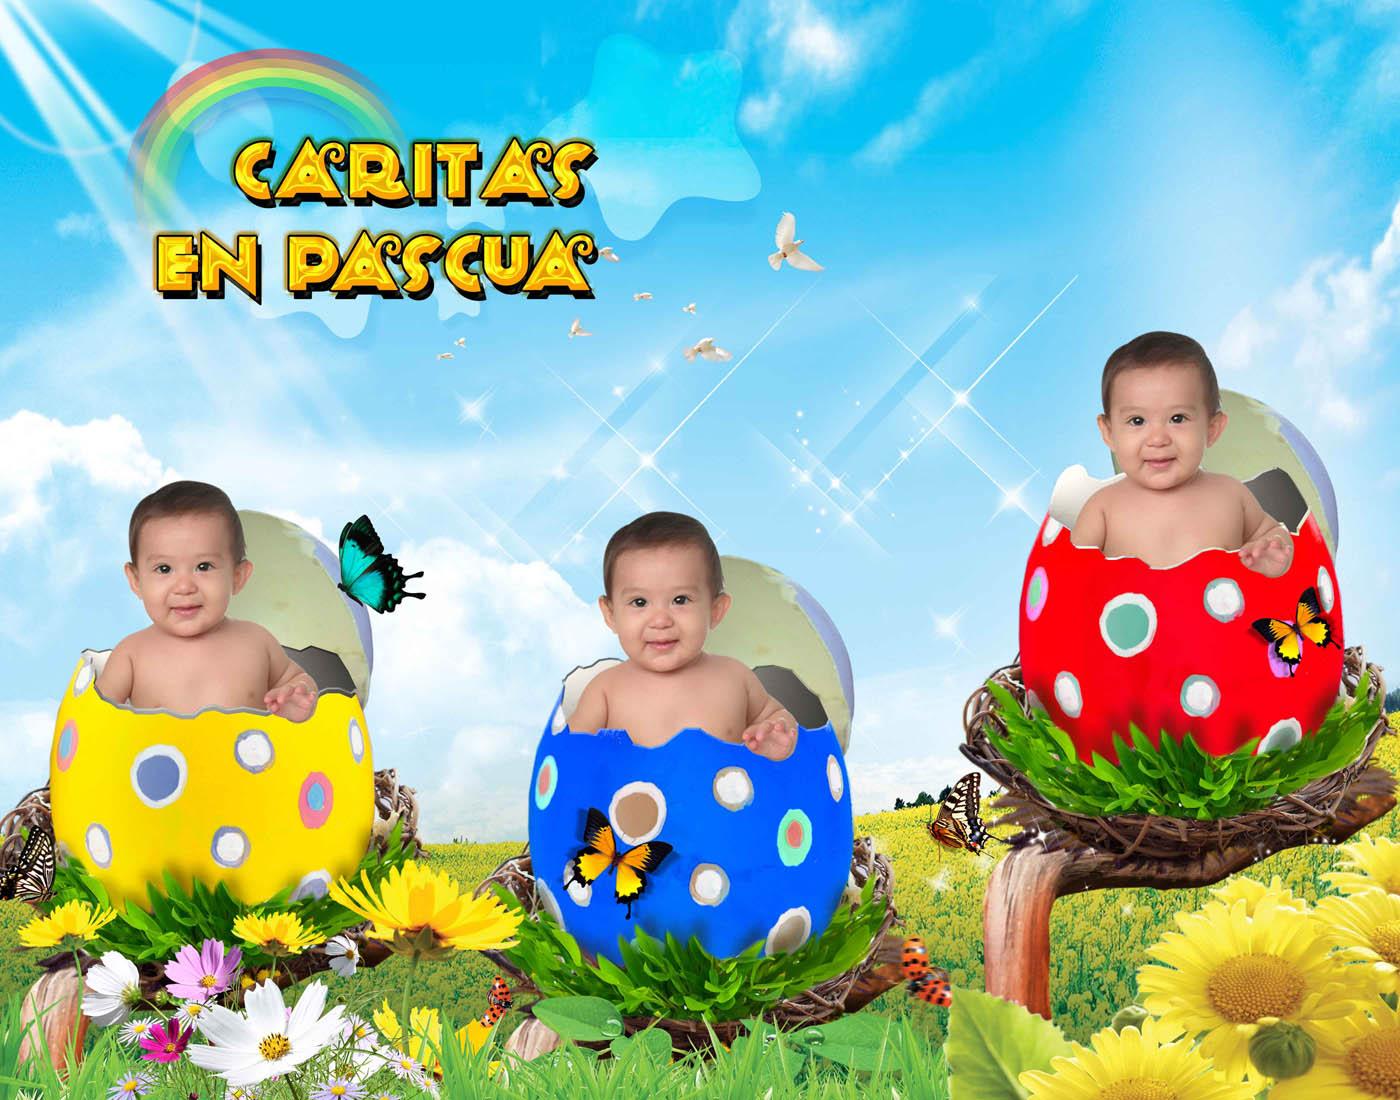 group of caritas en psd gratis